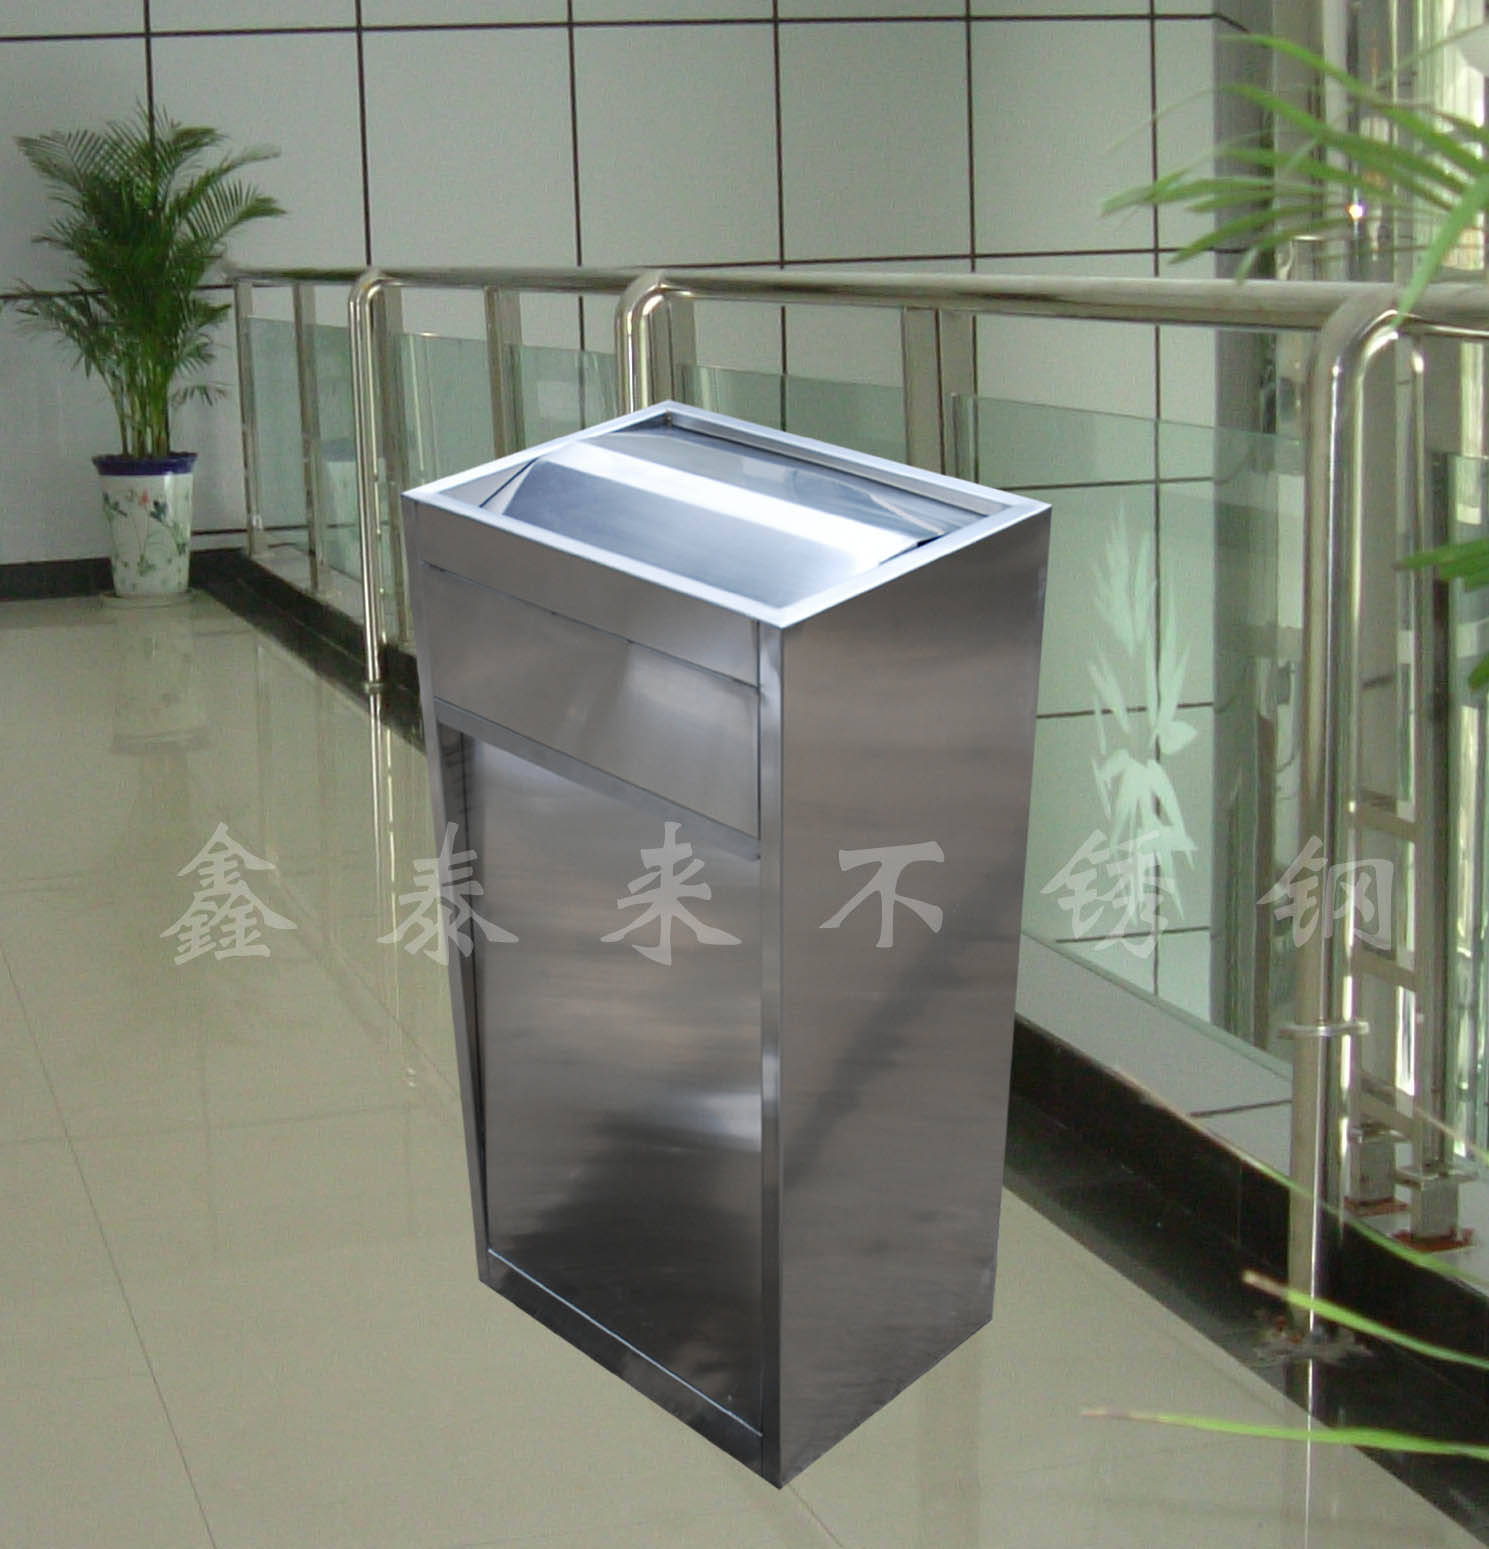 成都不锈钢废弃箱 垃圾桶